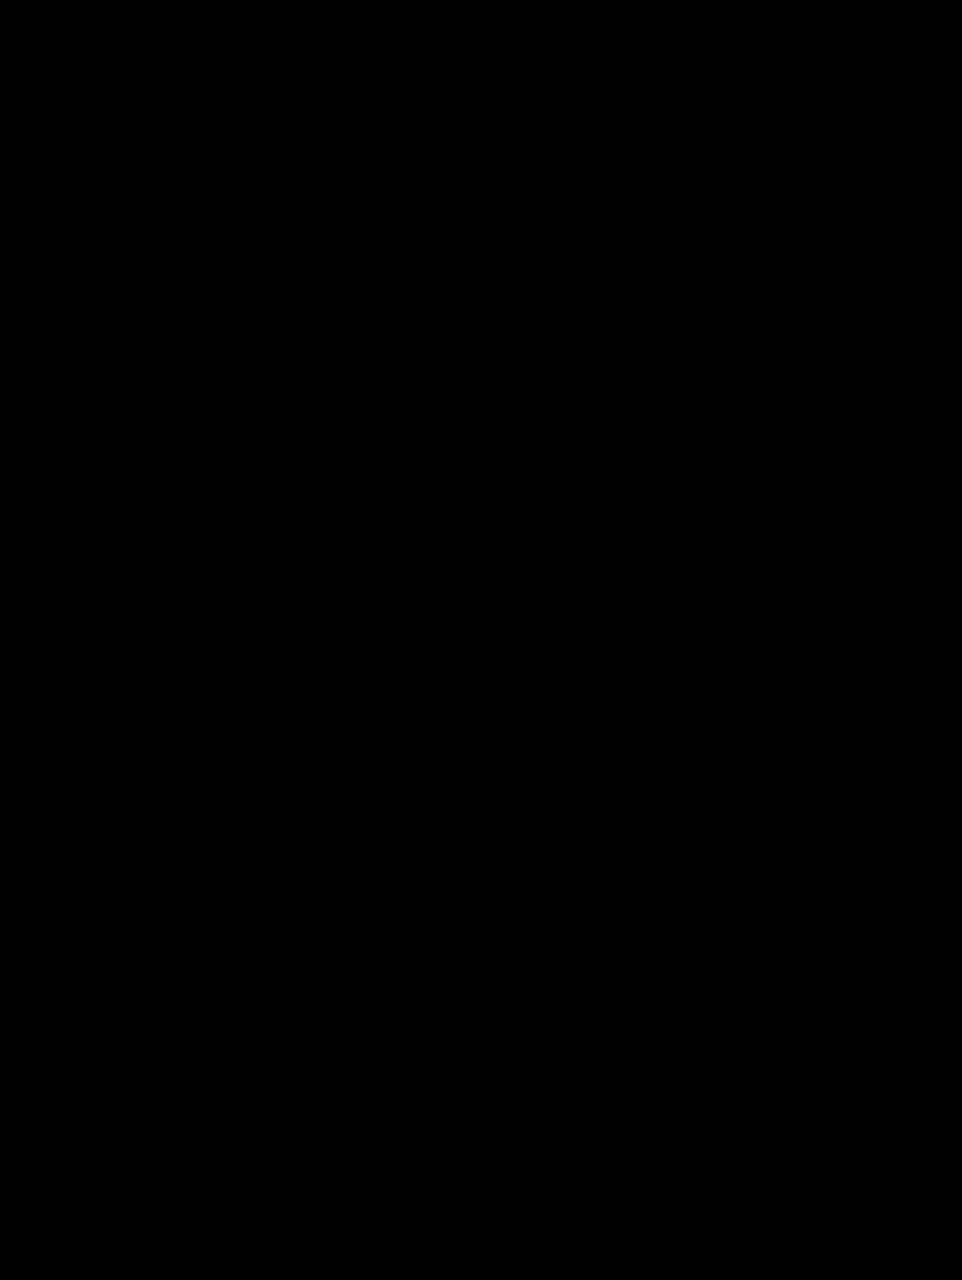 żebra i klatka piersiowa z tyłu